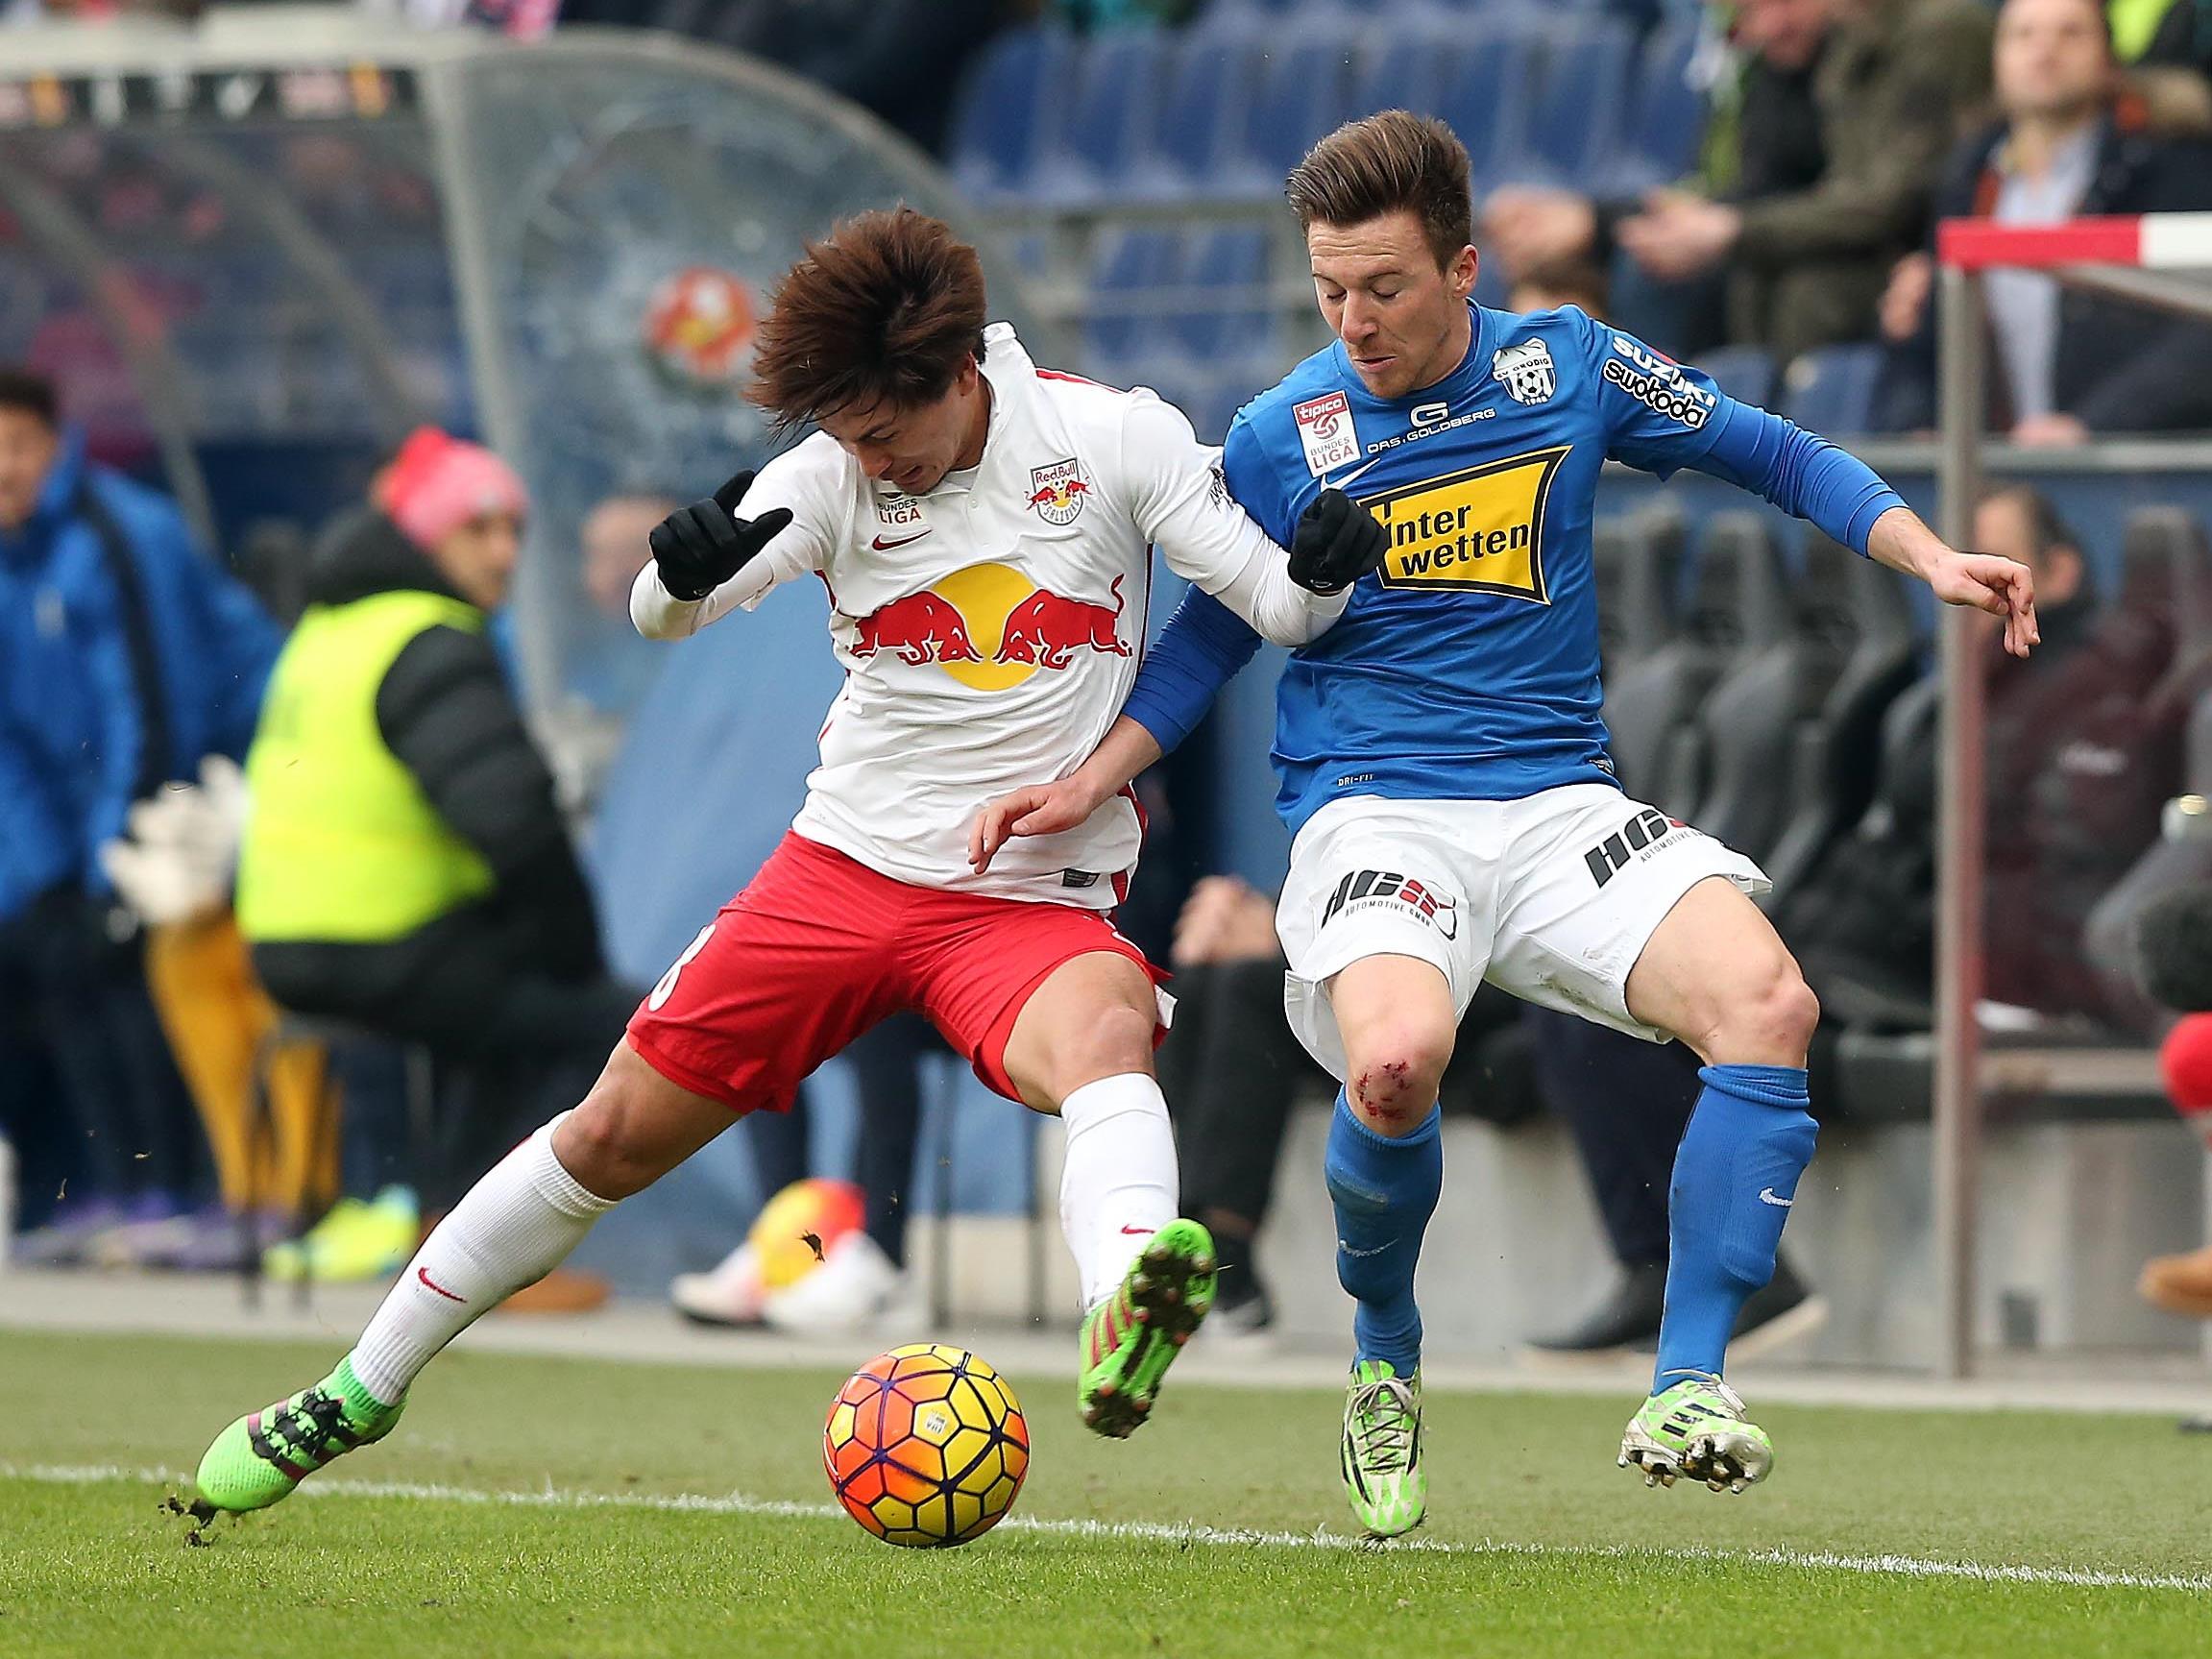 LIVE-Ticker zum Spiel SV Grödig gegen Red Bull Salzburg ab 20.30 Uhr.